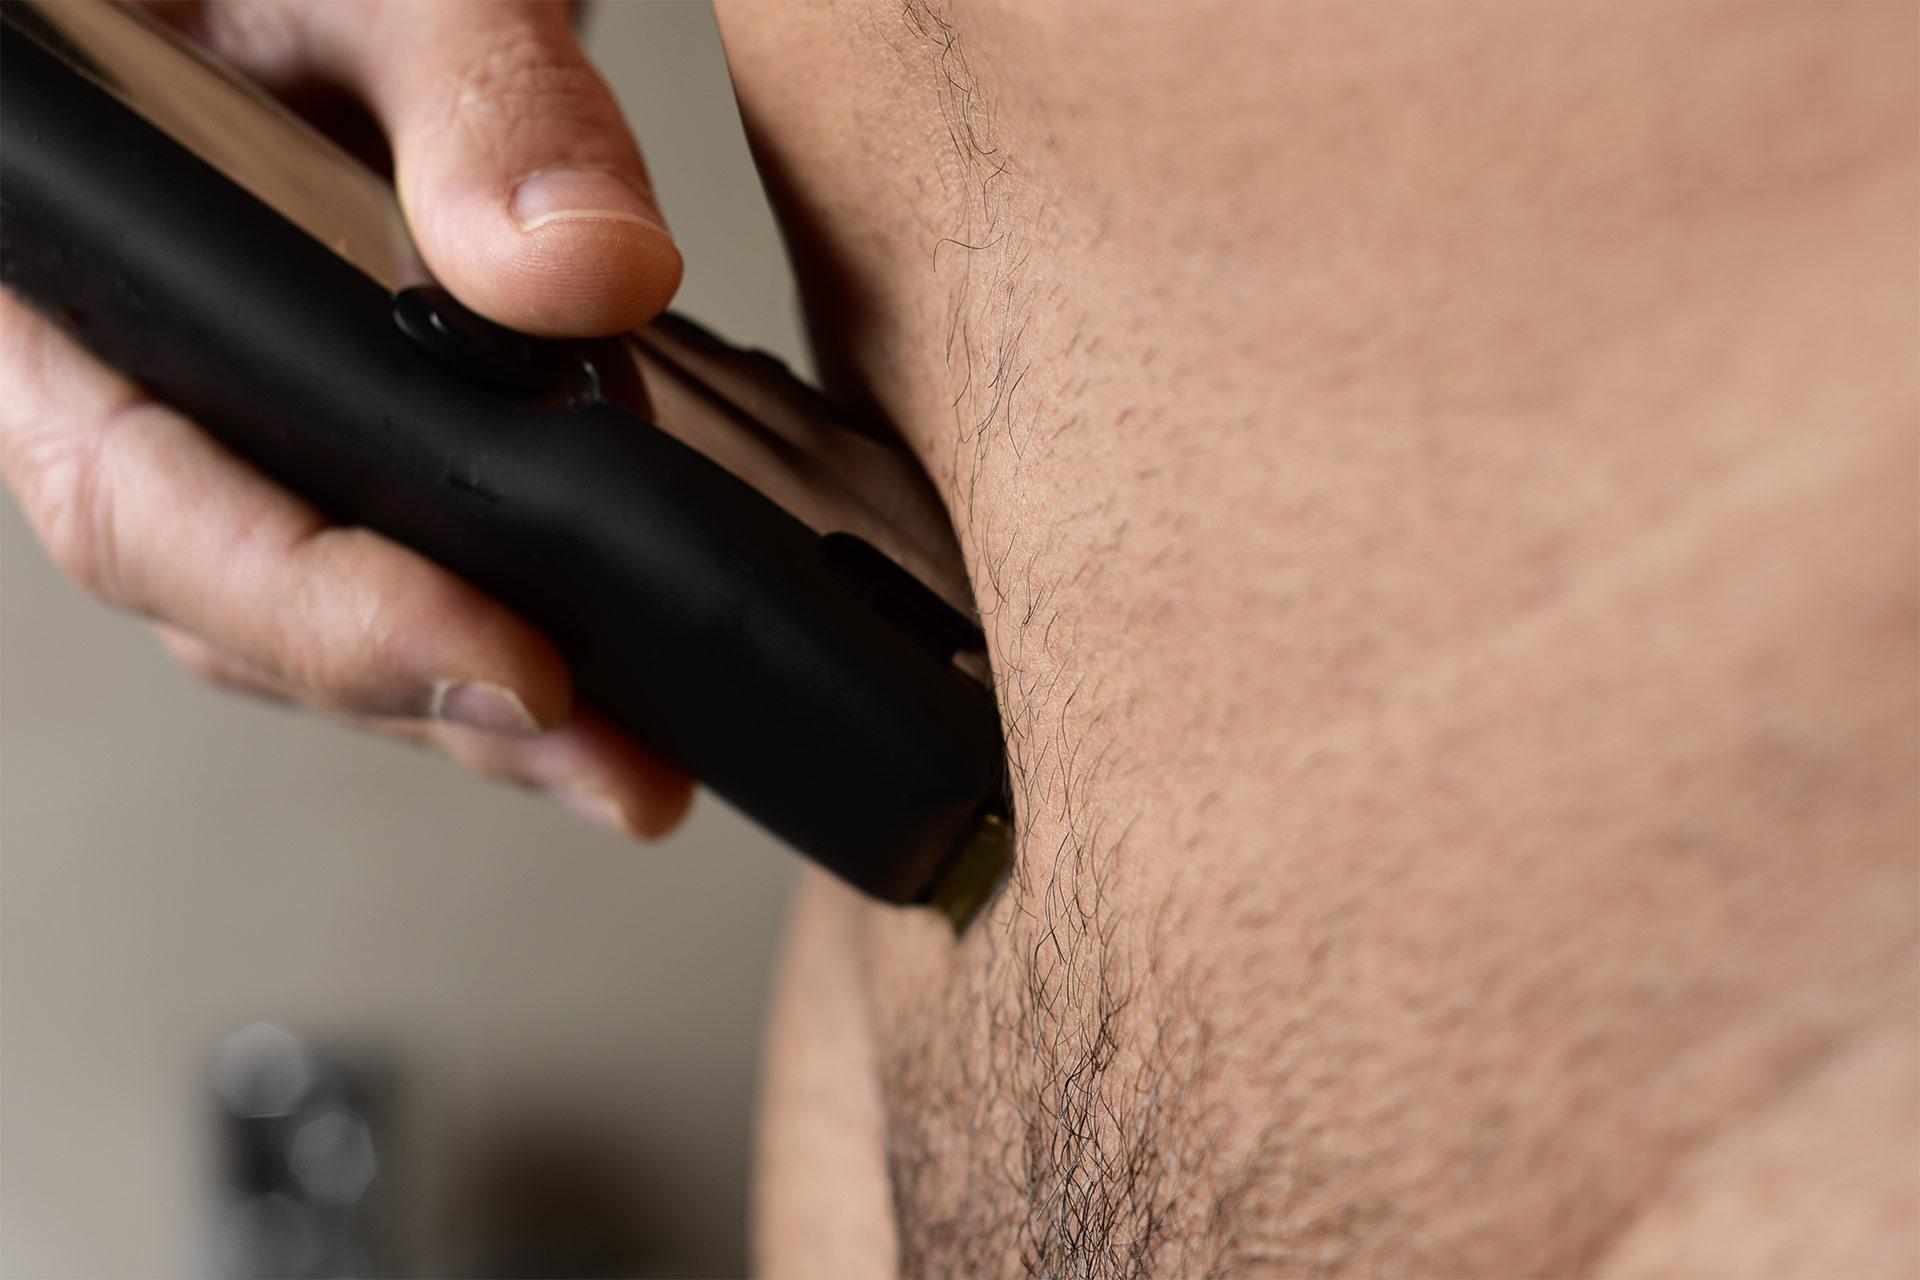 schaamhaar knippen of trimmen